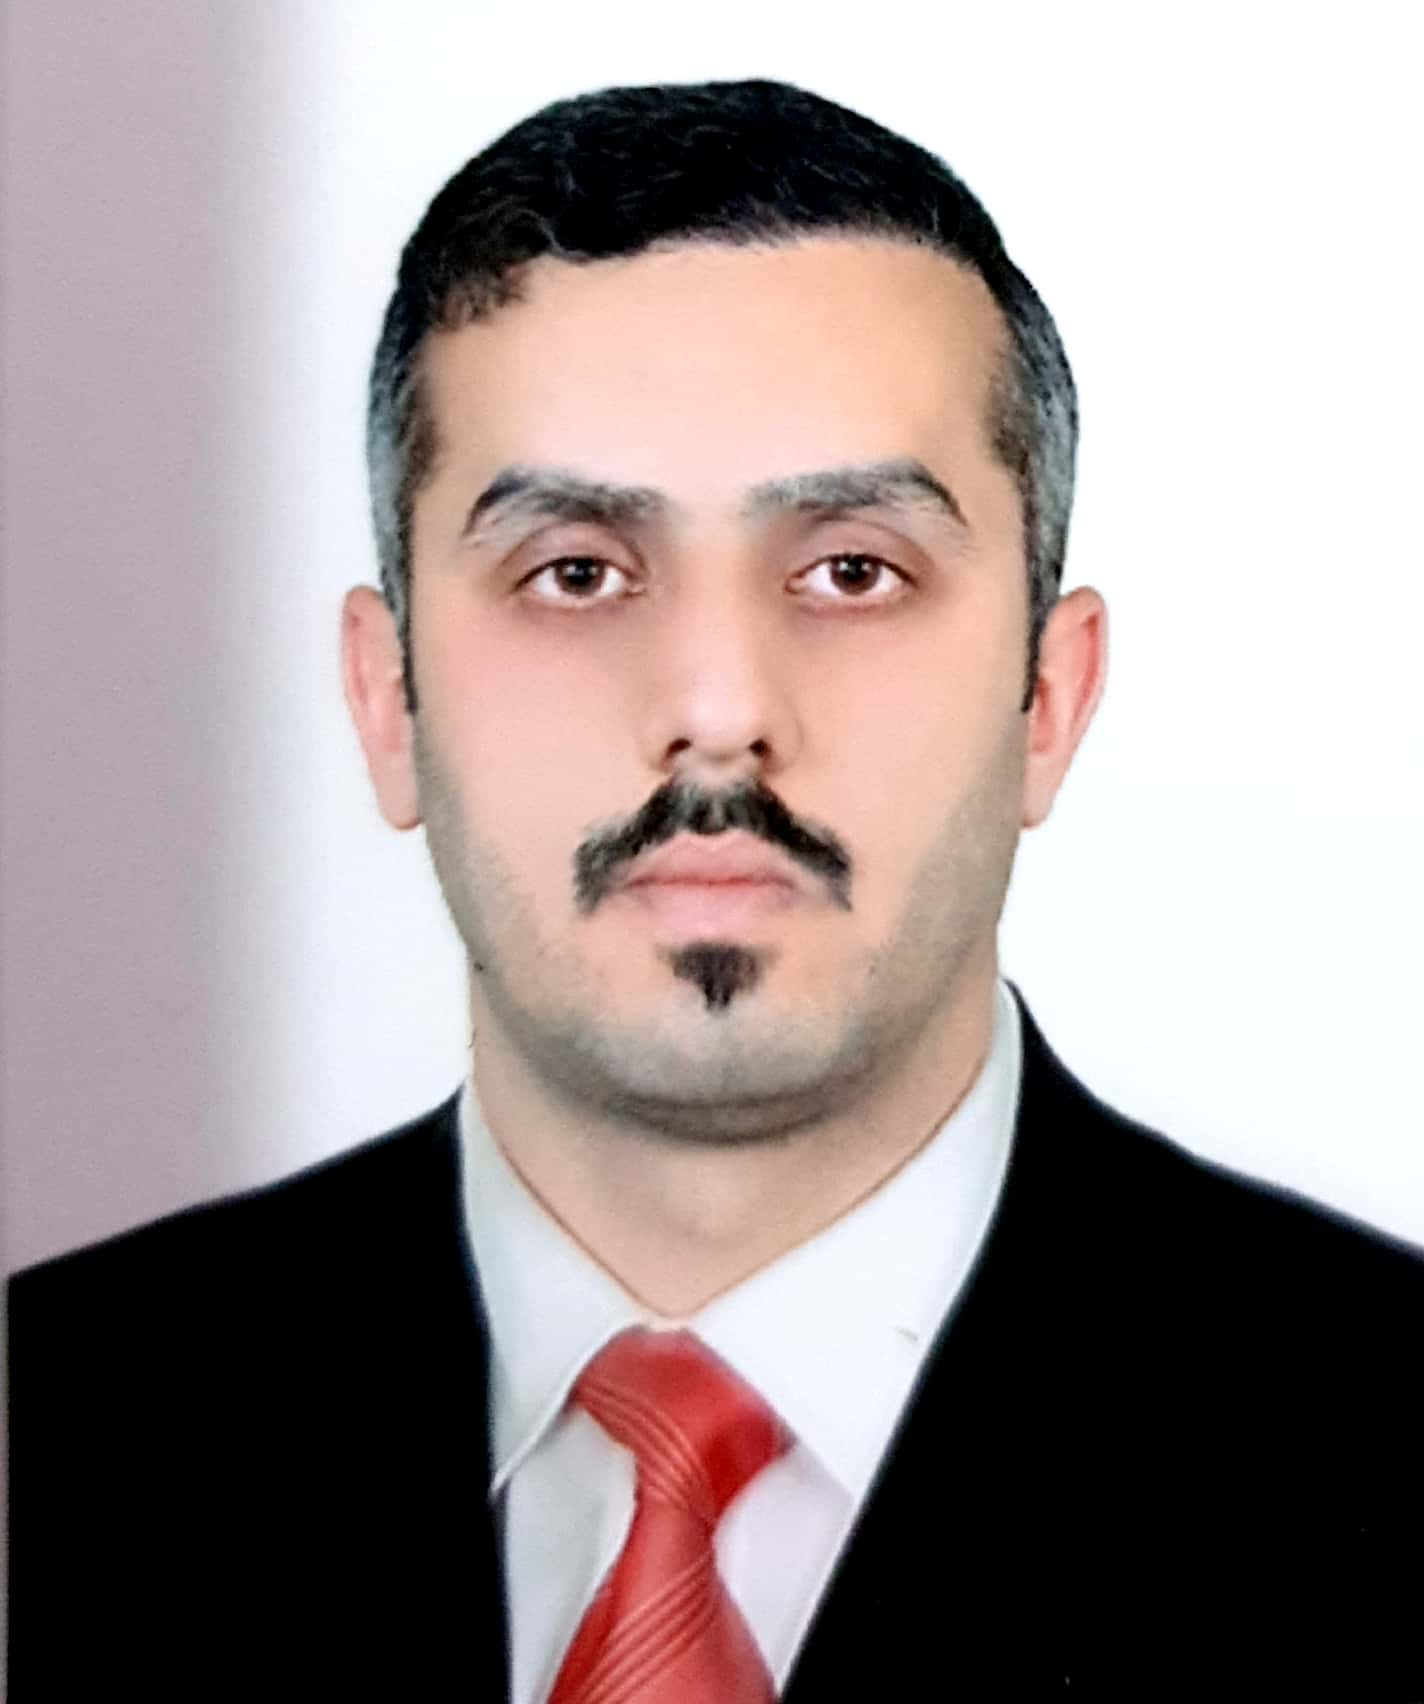 Yasser Wsfee Ouda